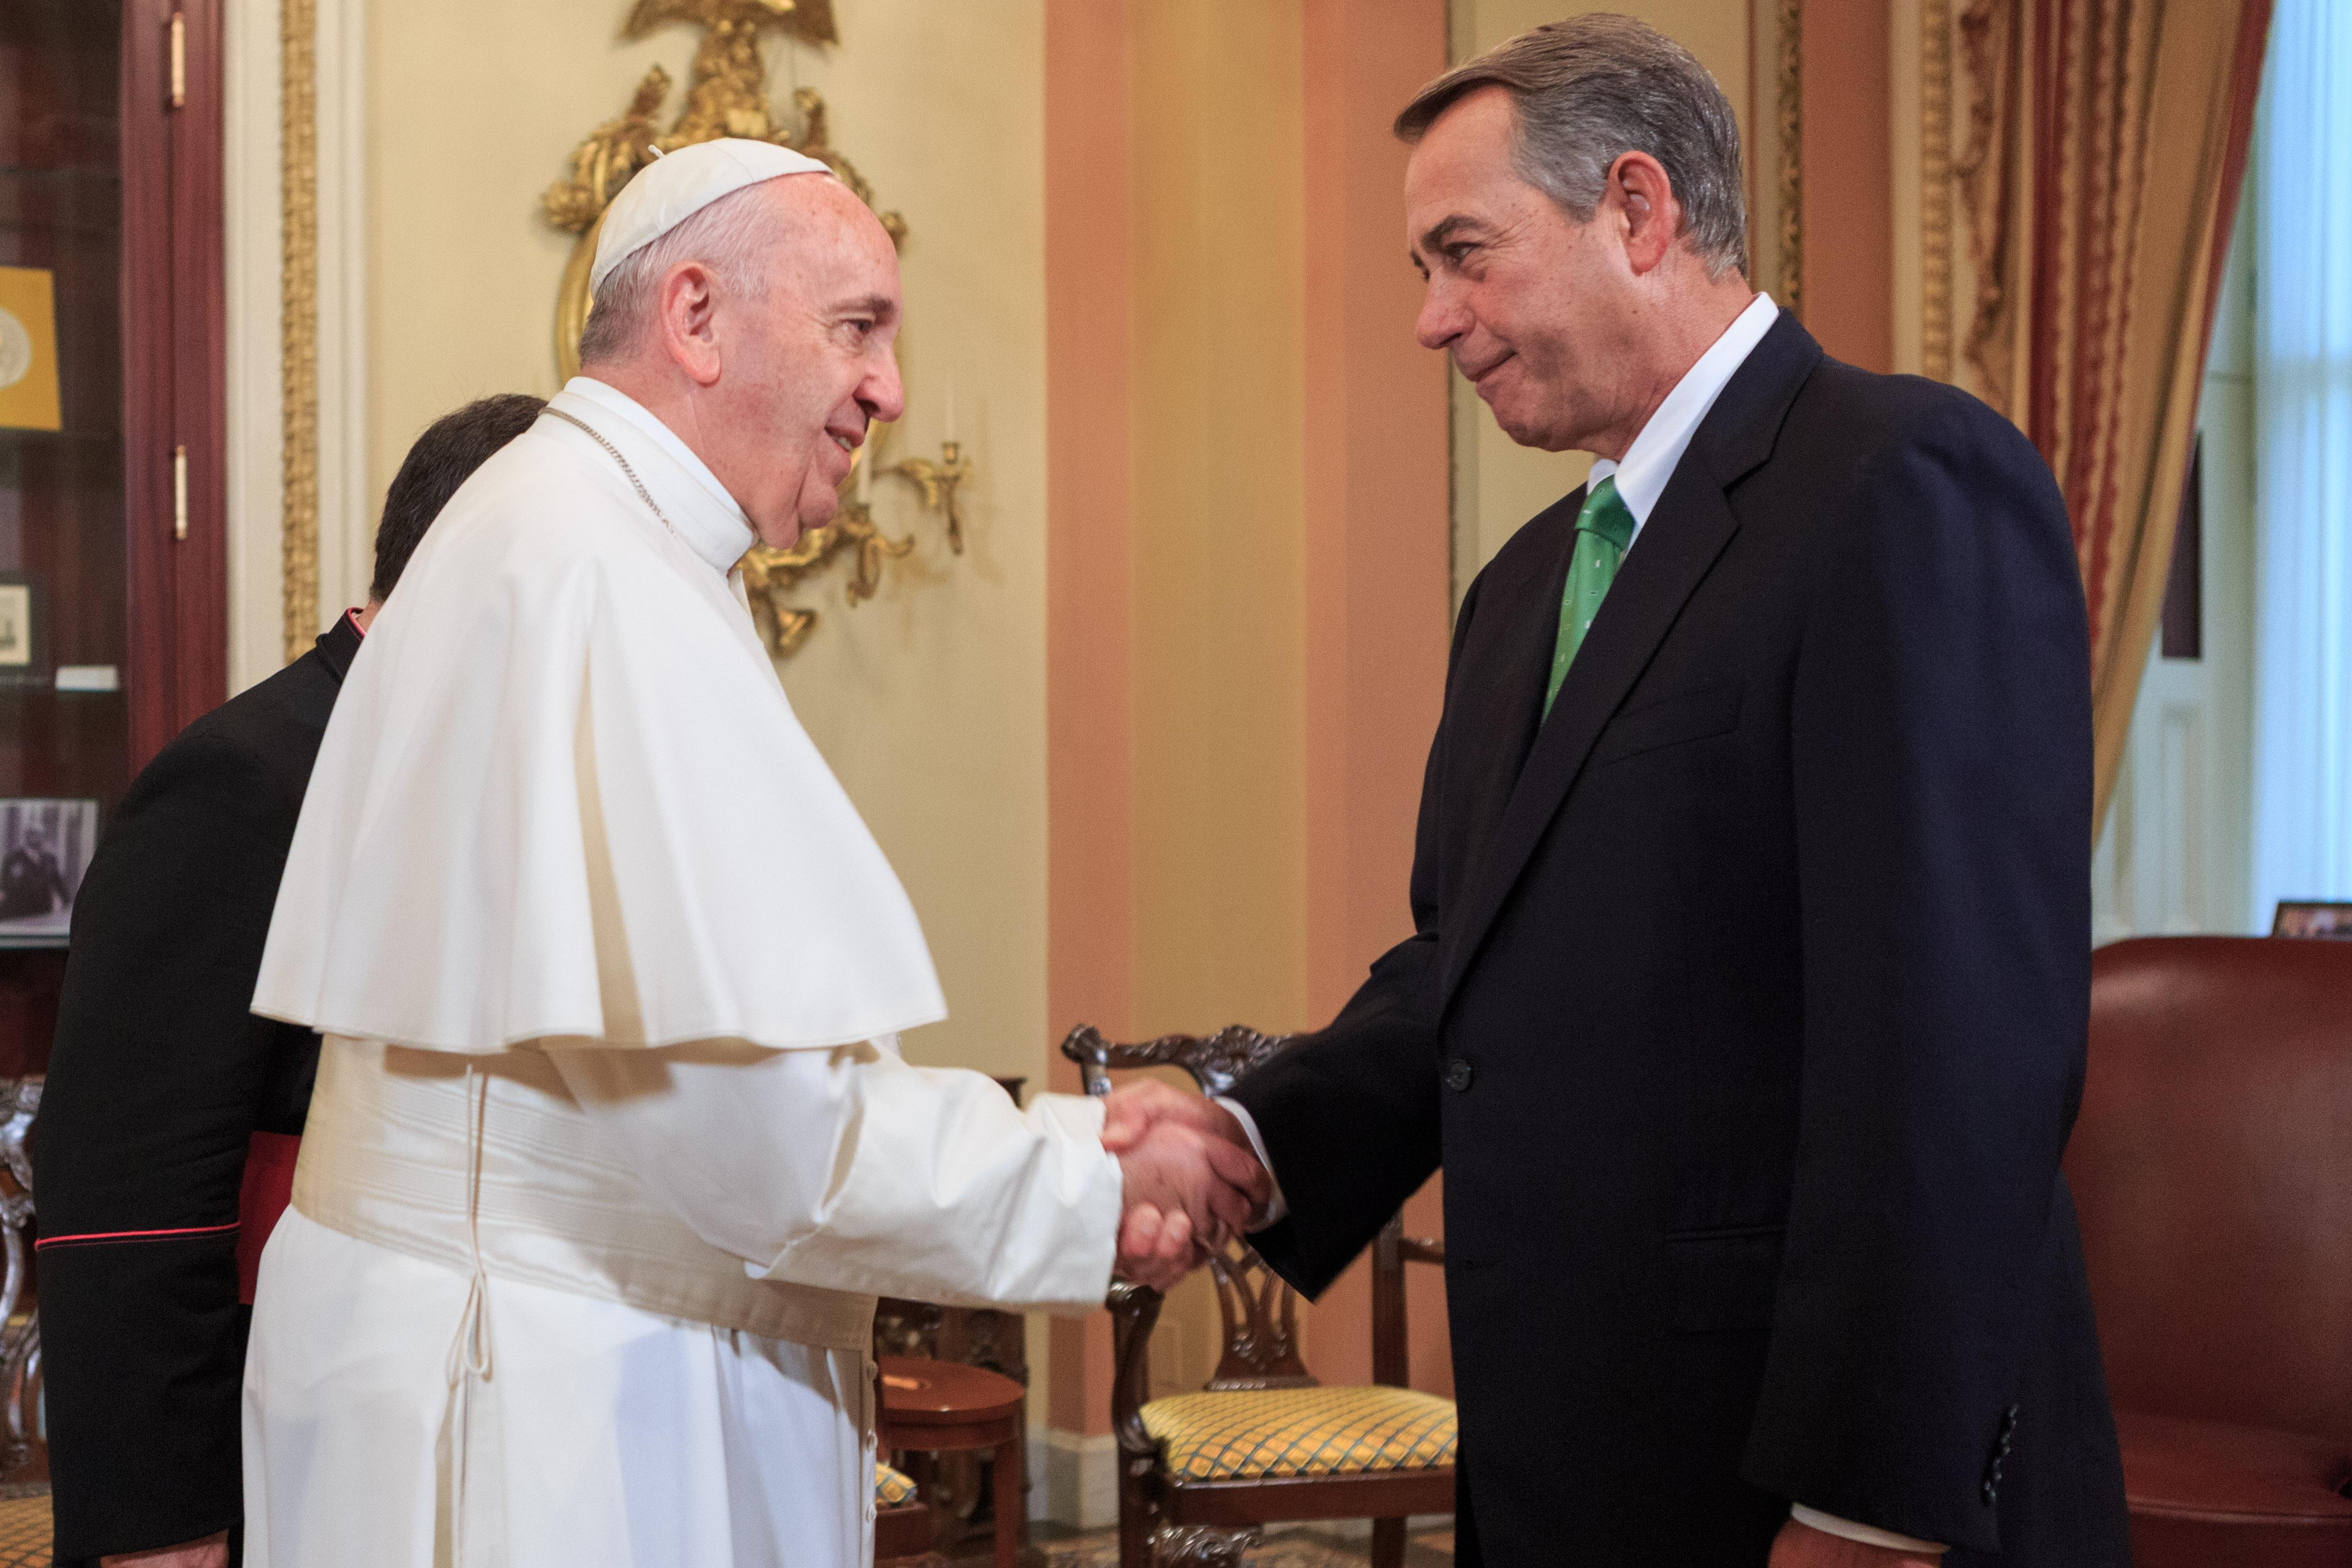 """""""Pope Francis and Speaker Boehner"""" by Speaker.gov - https://www.flickr.com/photos/speakerboehner/. Licensed under Public Domain via Commons - https://commons.wikimedia.org/wiki/File:Pope_Francis_and_Speaker_Boehner.jpg#/media/File:Pope_Francis_and_Speaker_Boehner.jpg"""